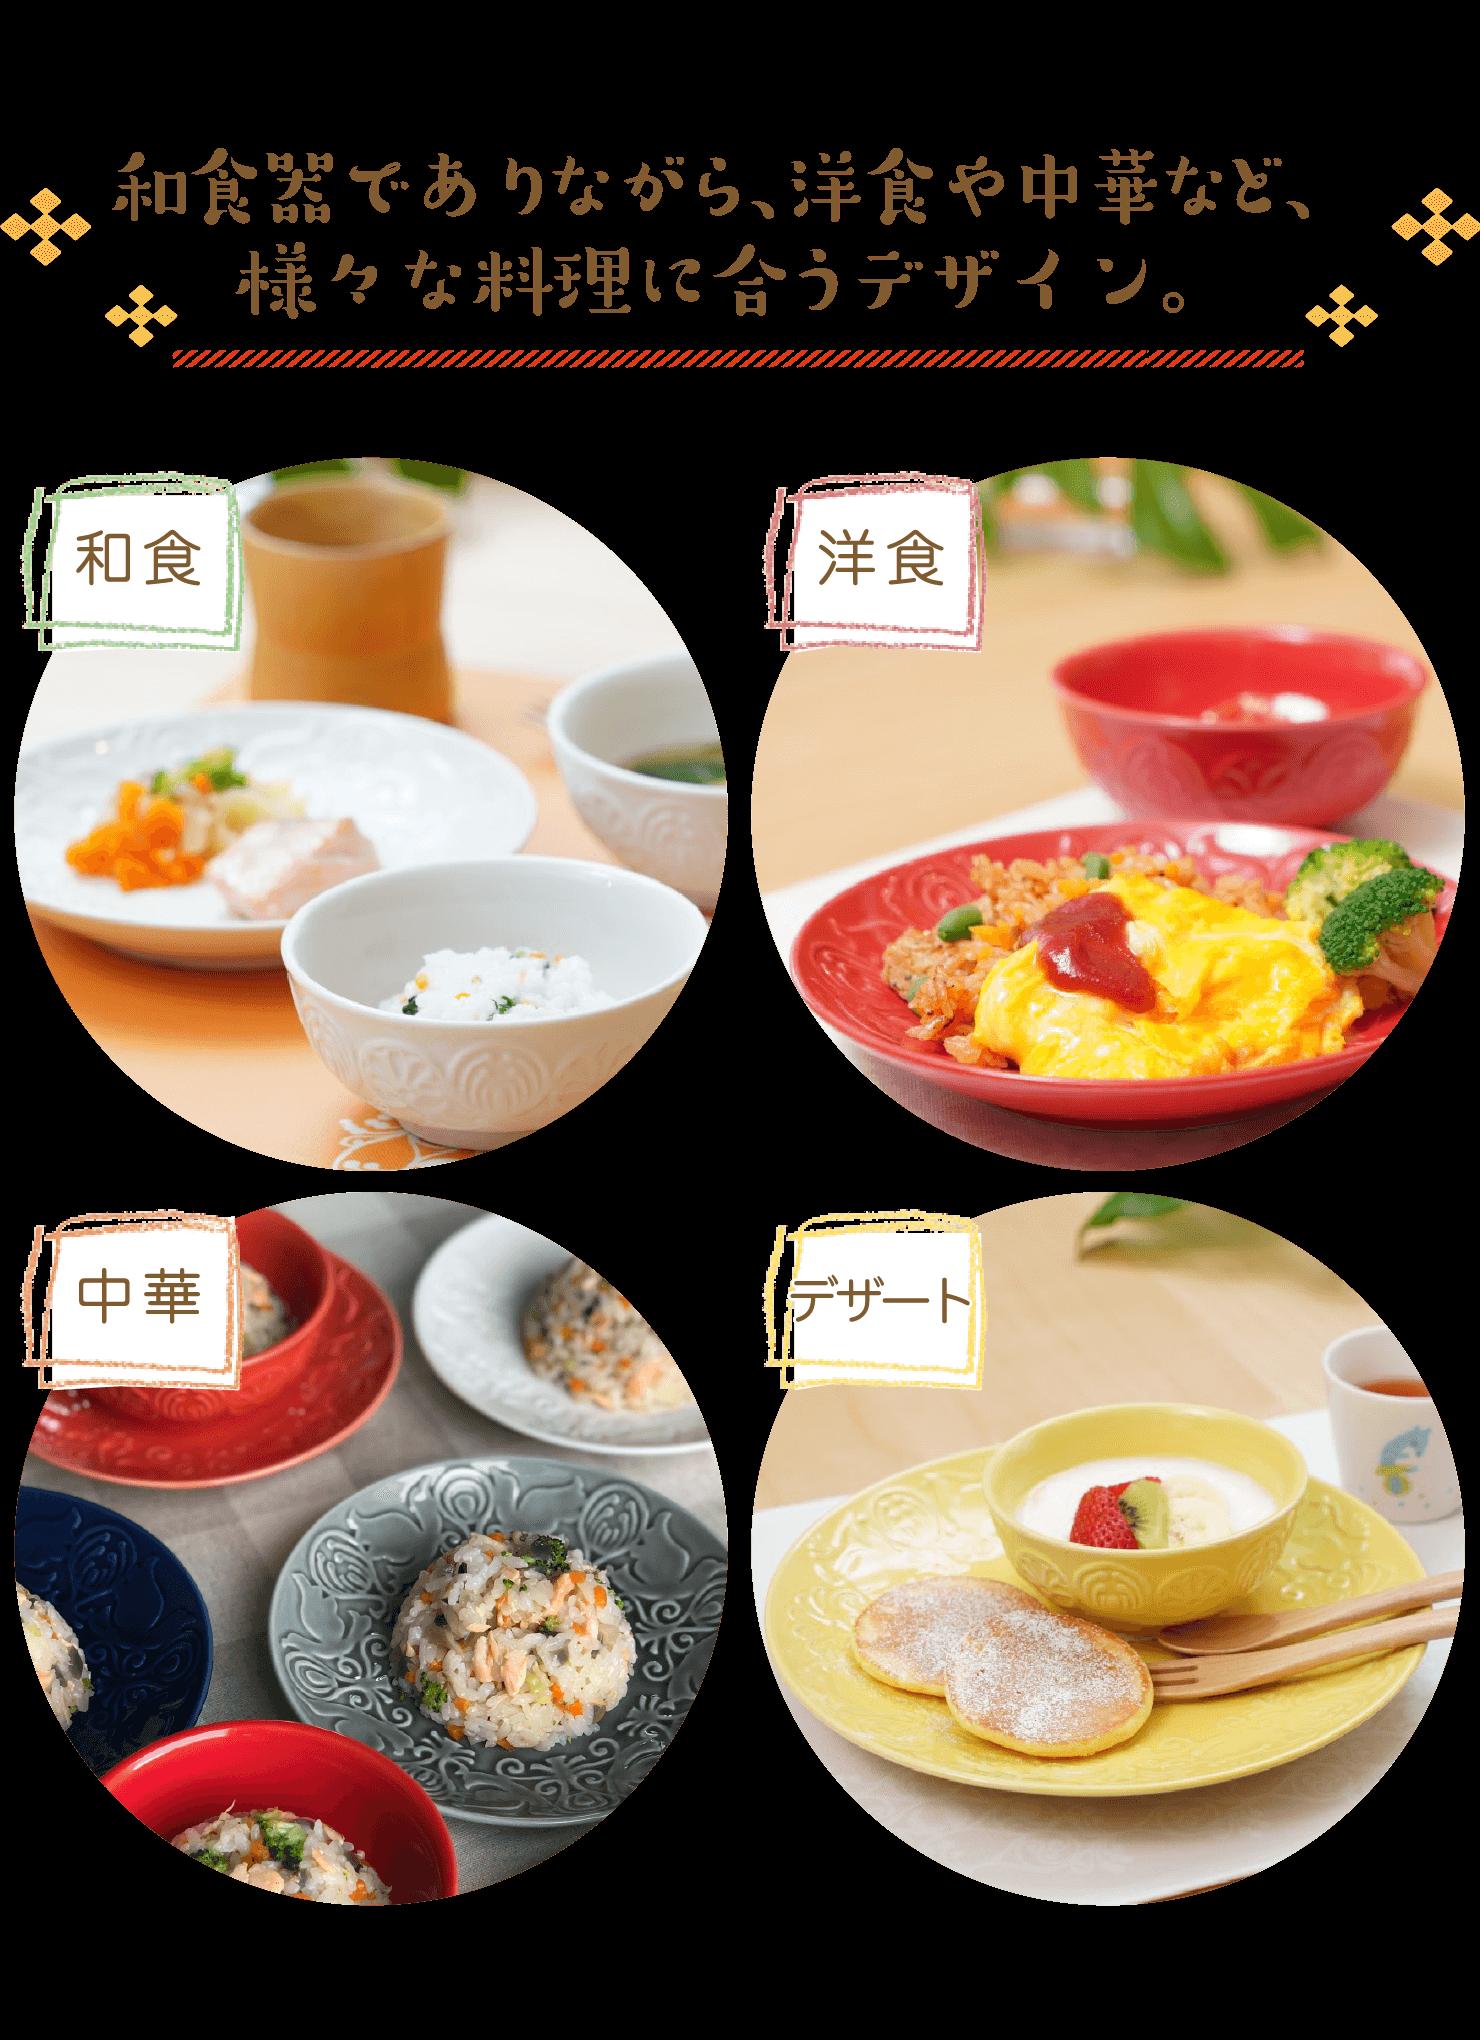 和食器でありながら、洋食や中華など、様々な料理に合うデザイン。